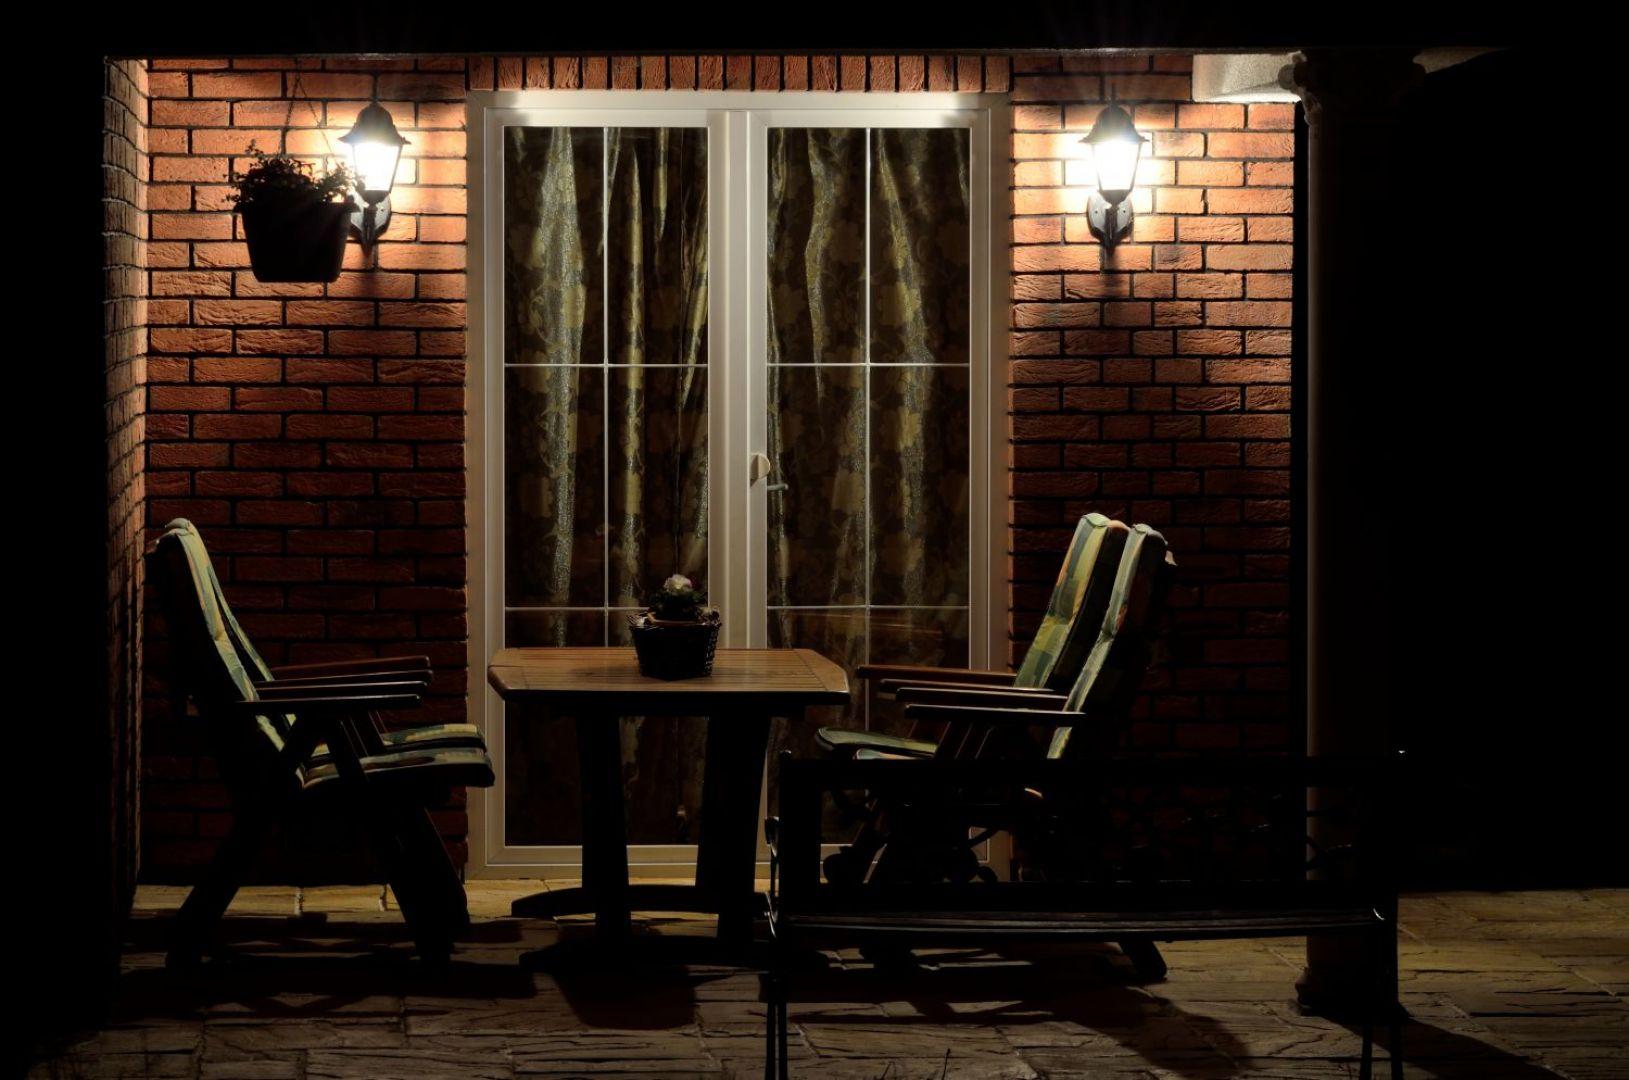 Oświetlenie dla bezpieczeństwa. Fot. GTV